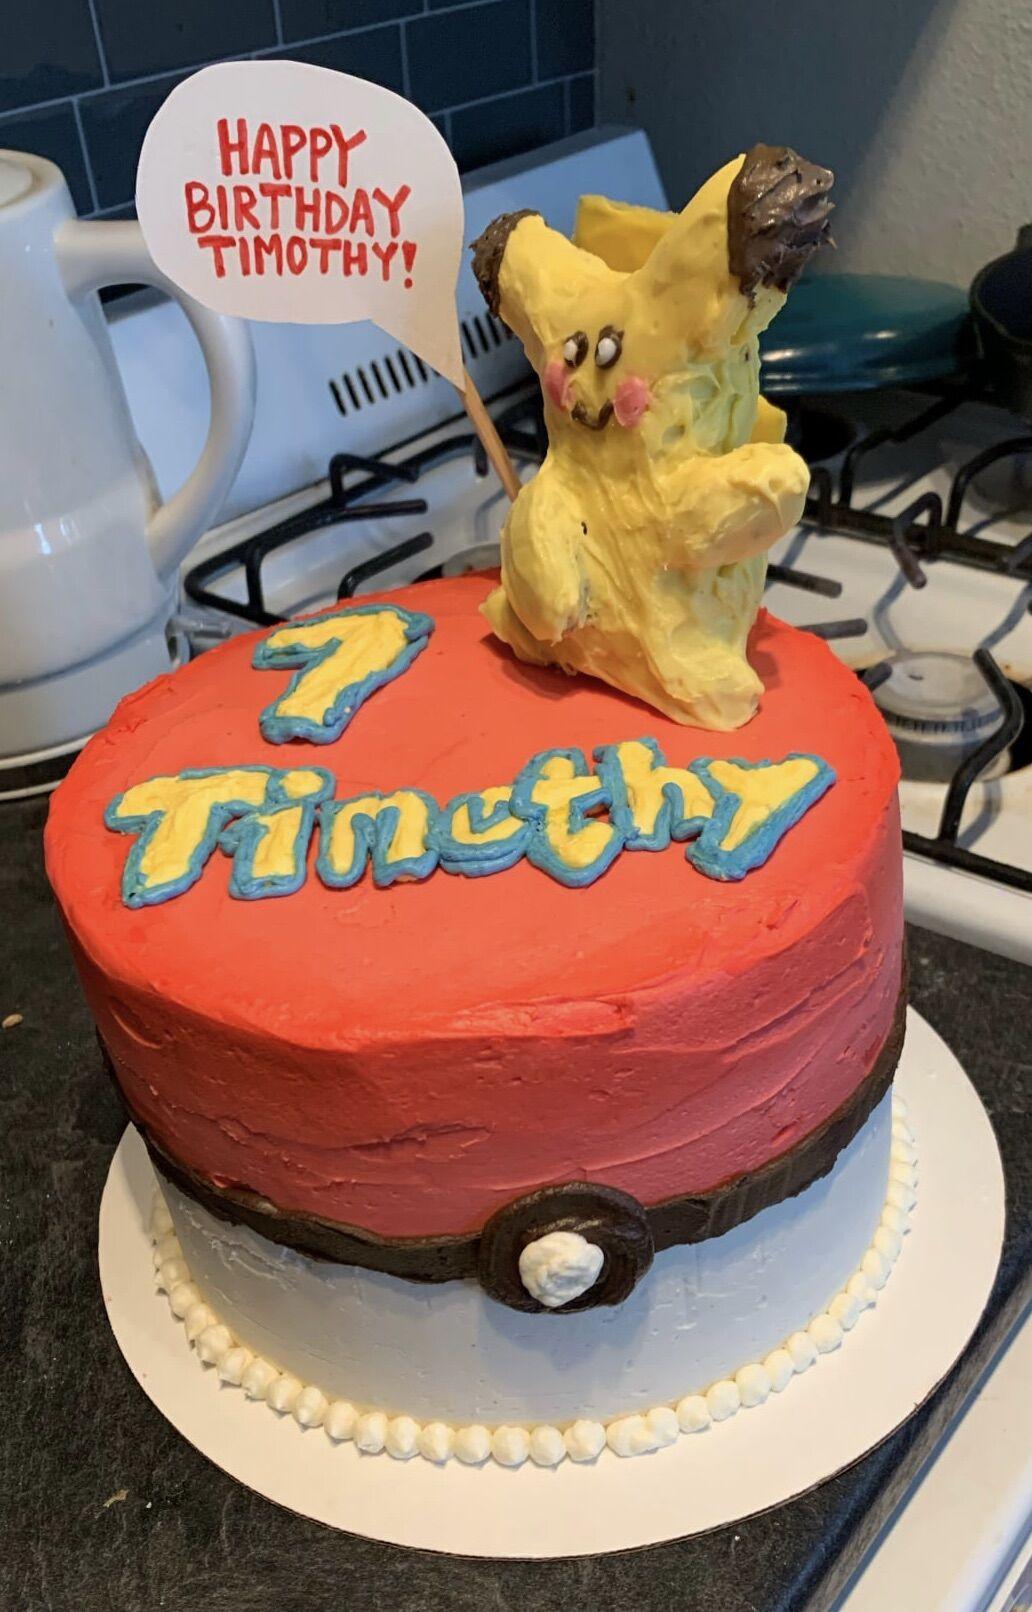 Timothy birthday cake